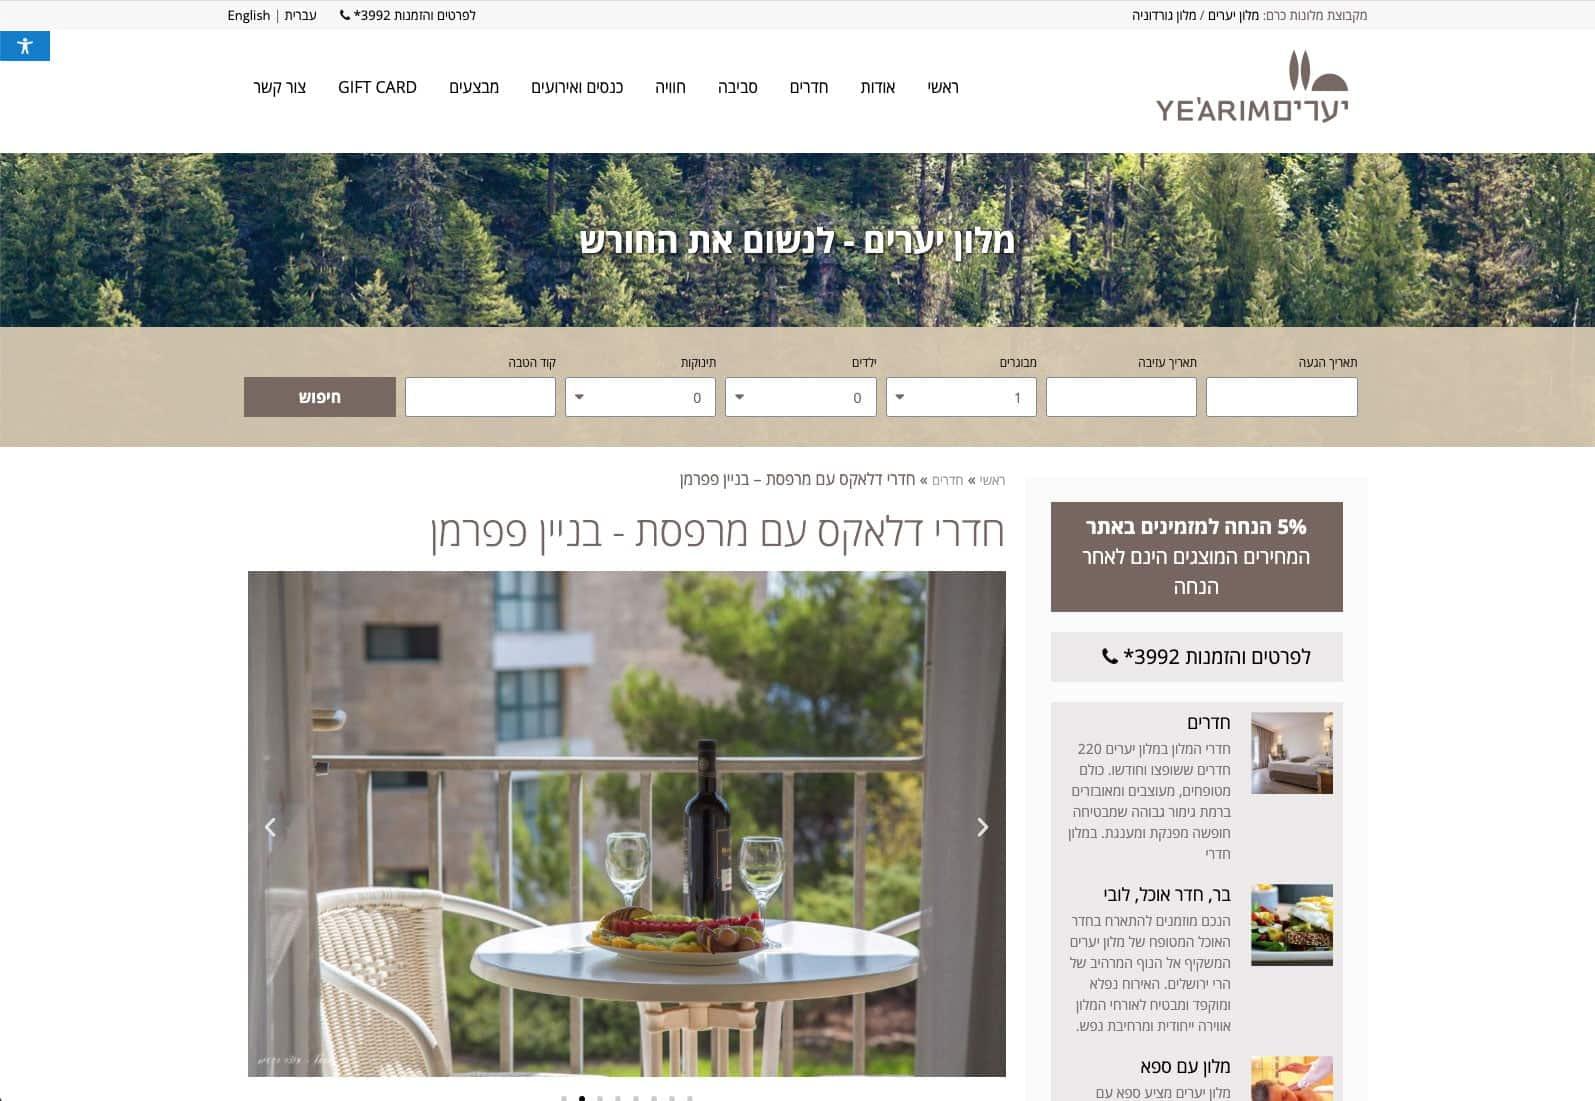 בניית אתרים לבתי מלון - מלון יערים